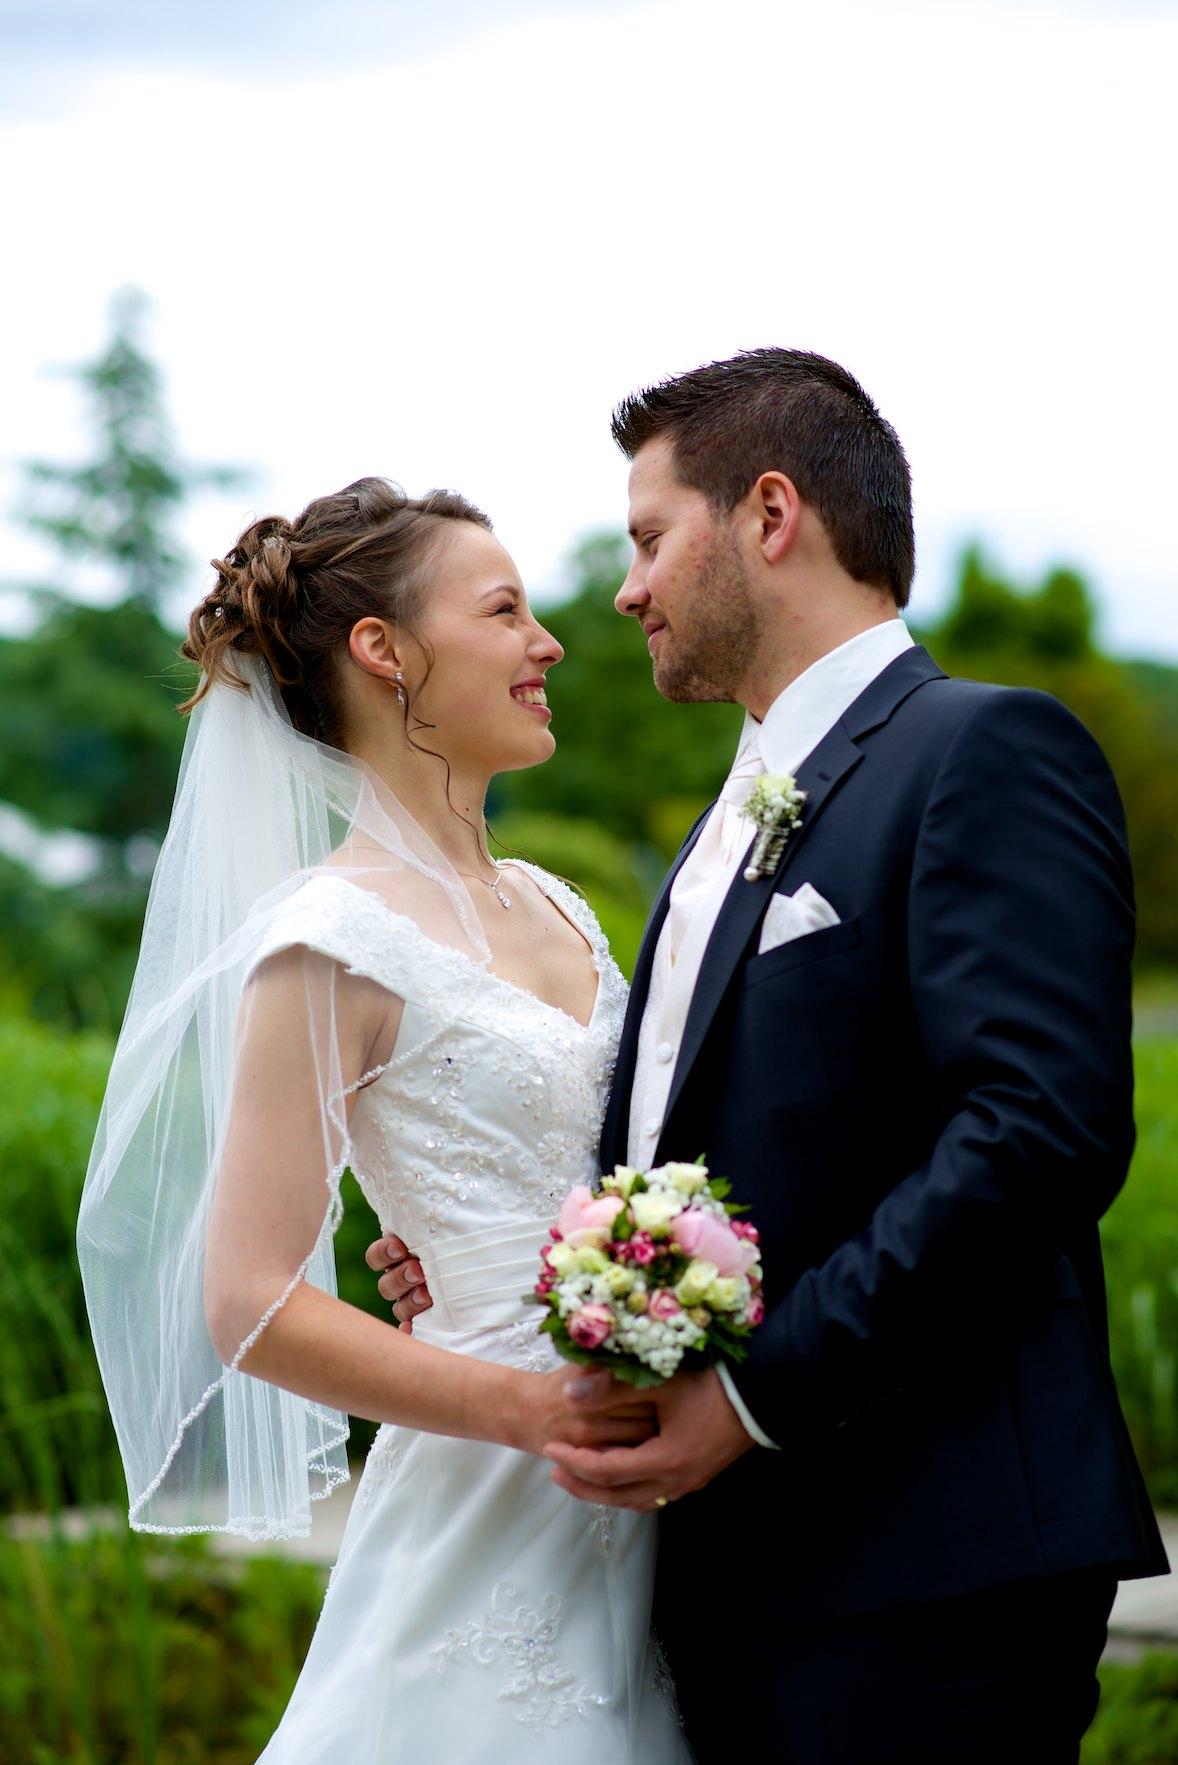 Sara & Raffael Berger Hochzeit 003.jpg